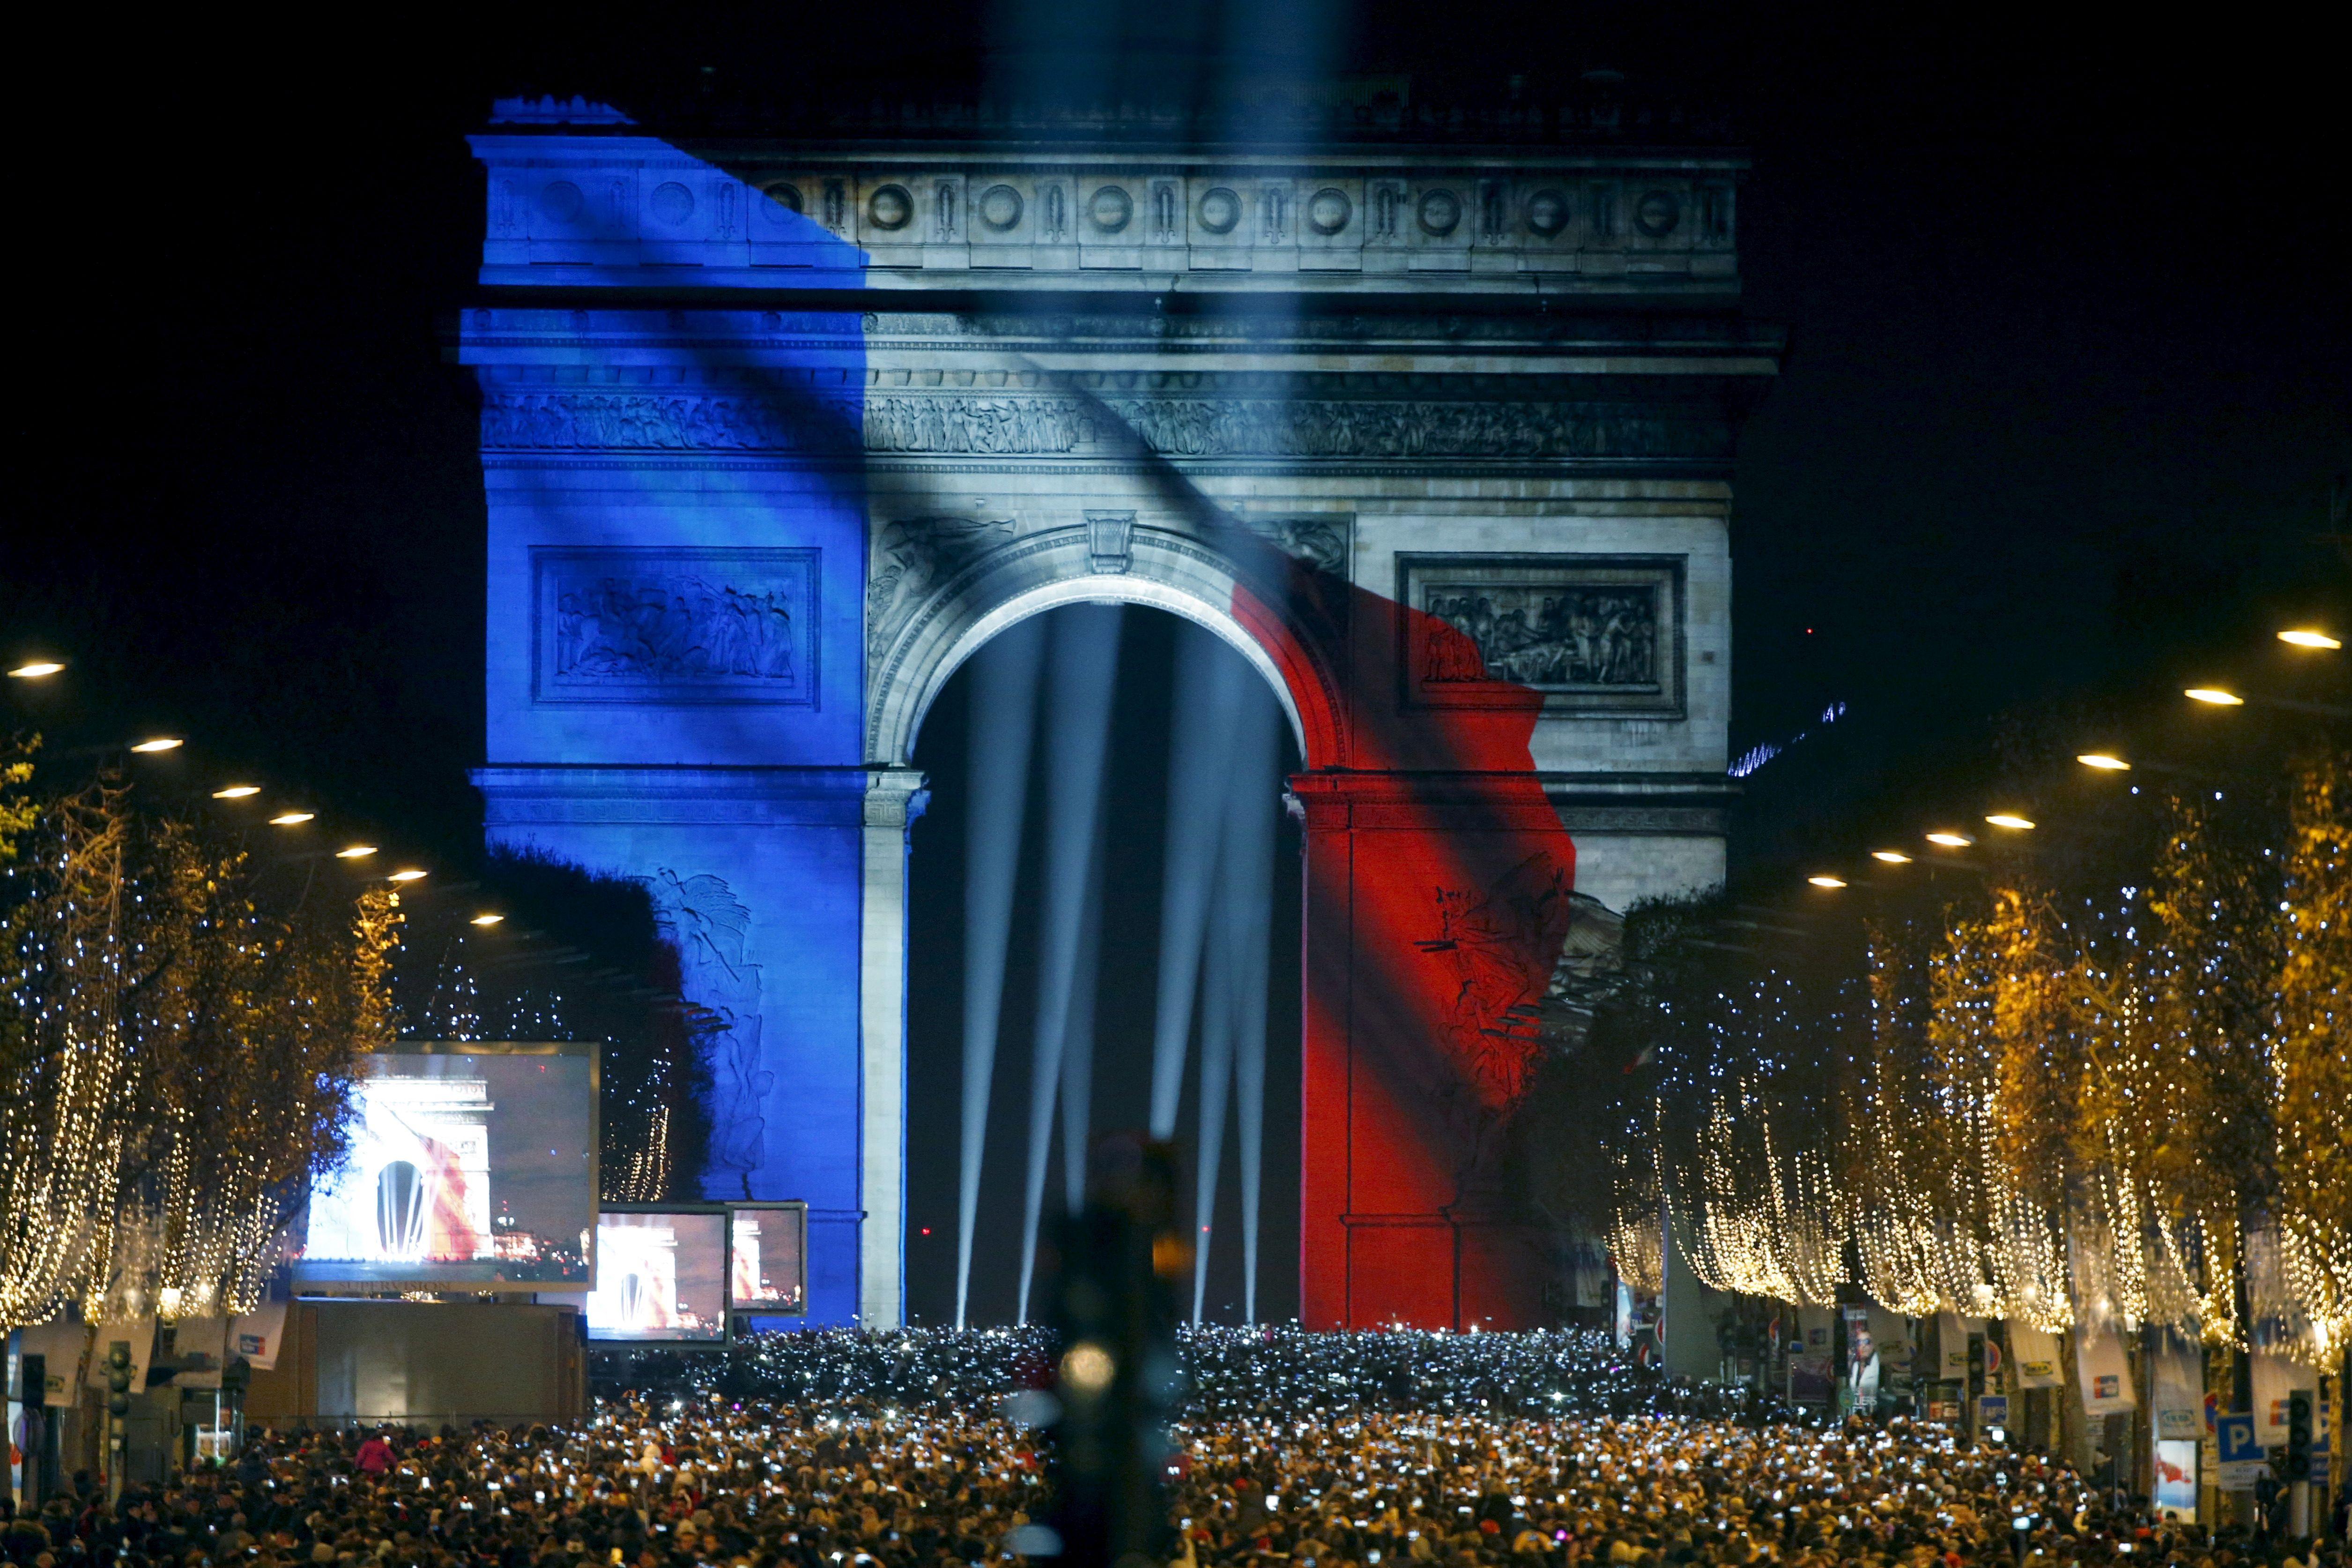 François Hollande, garant des libertés et de l'état de droit : le sondage qui pourrait contrarier ses plans